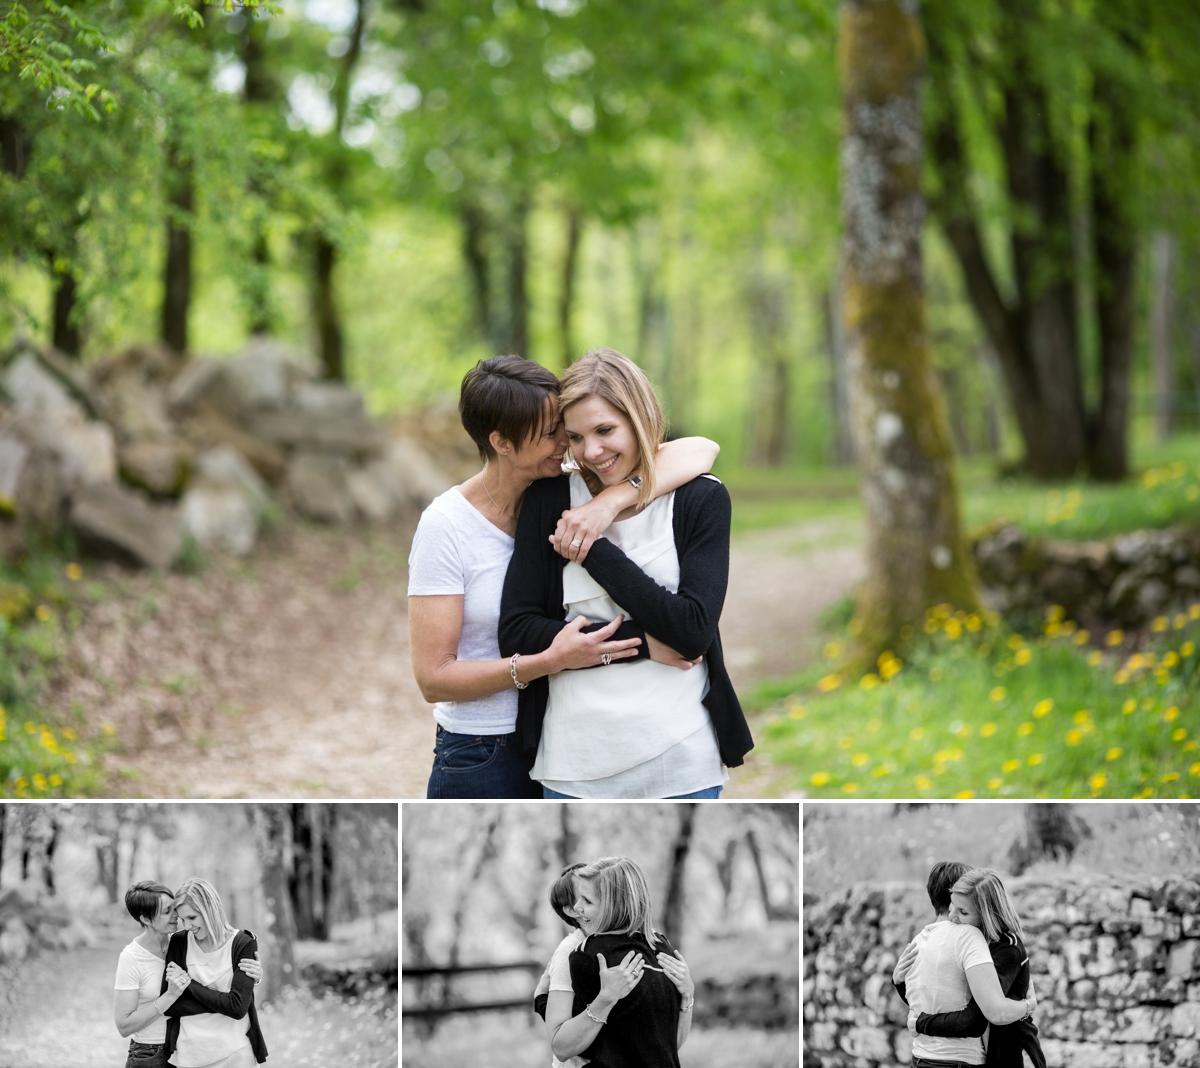 seancefamille-emiliekphotographie-photographe-doubs-franche-comté-séancefamille 5